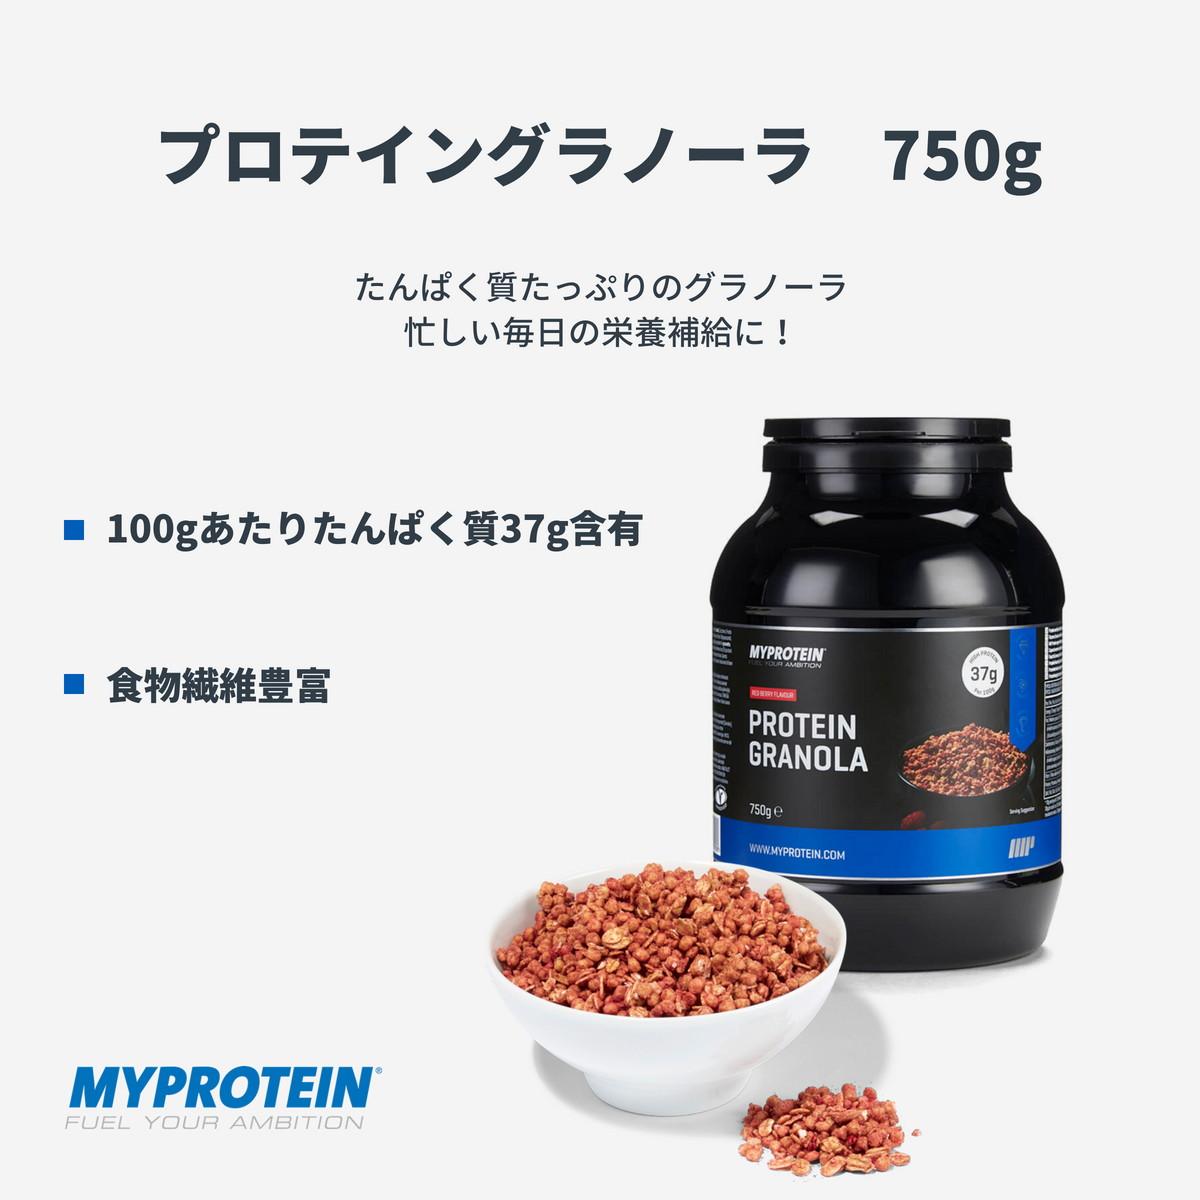 マイプロテイン 公式 【MyProtein】 プロテイン グラノーラ 750g 25食分| シリアル フルーツグラノーラ フルグラ ぐらのーら 糖質 プロテインスナック 高たんぱく 食物繊維 キャラメル 1kg 【楽天海外直送】